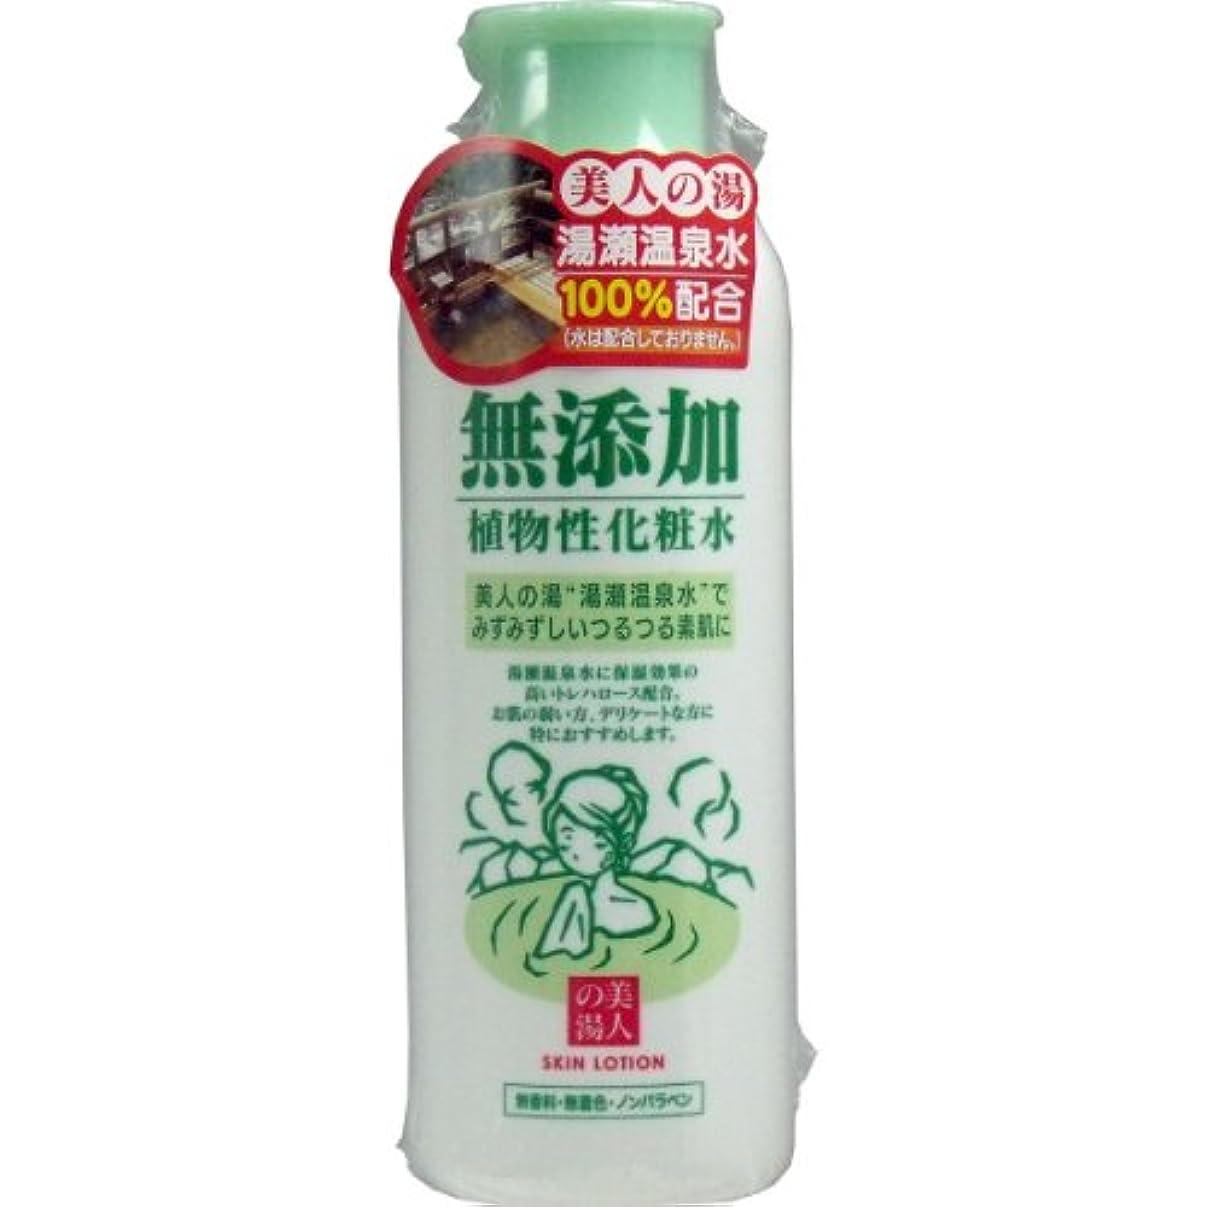 計り知れないレスリング努力するユゼ 無添加植物性 化粧水 200ml 【3セット】